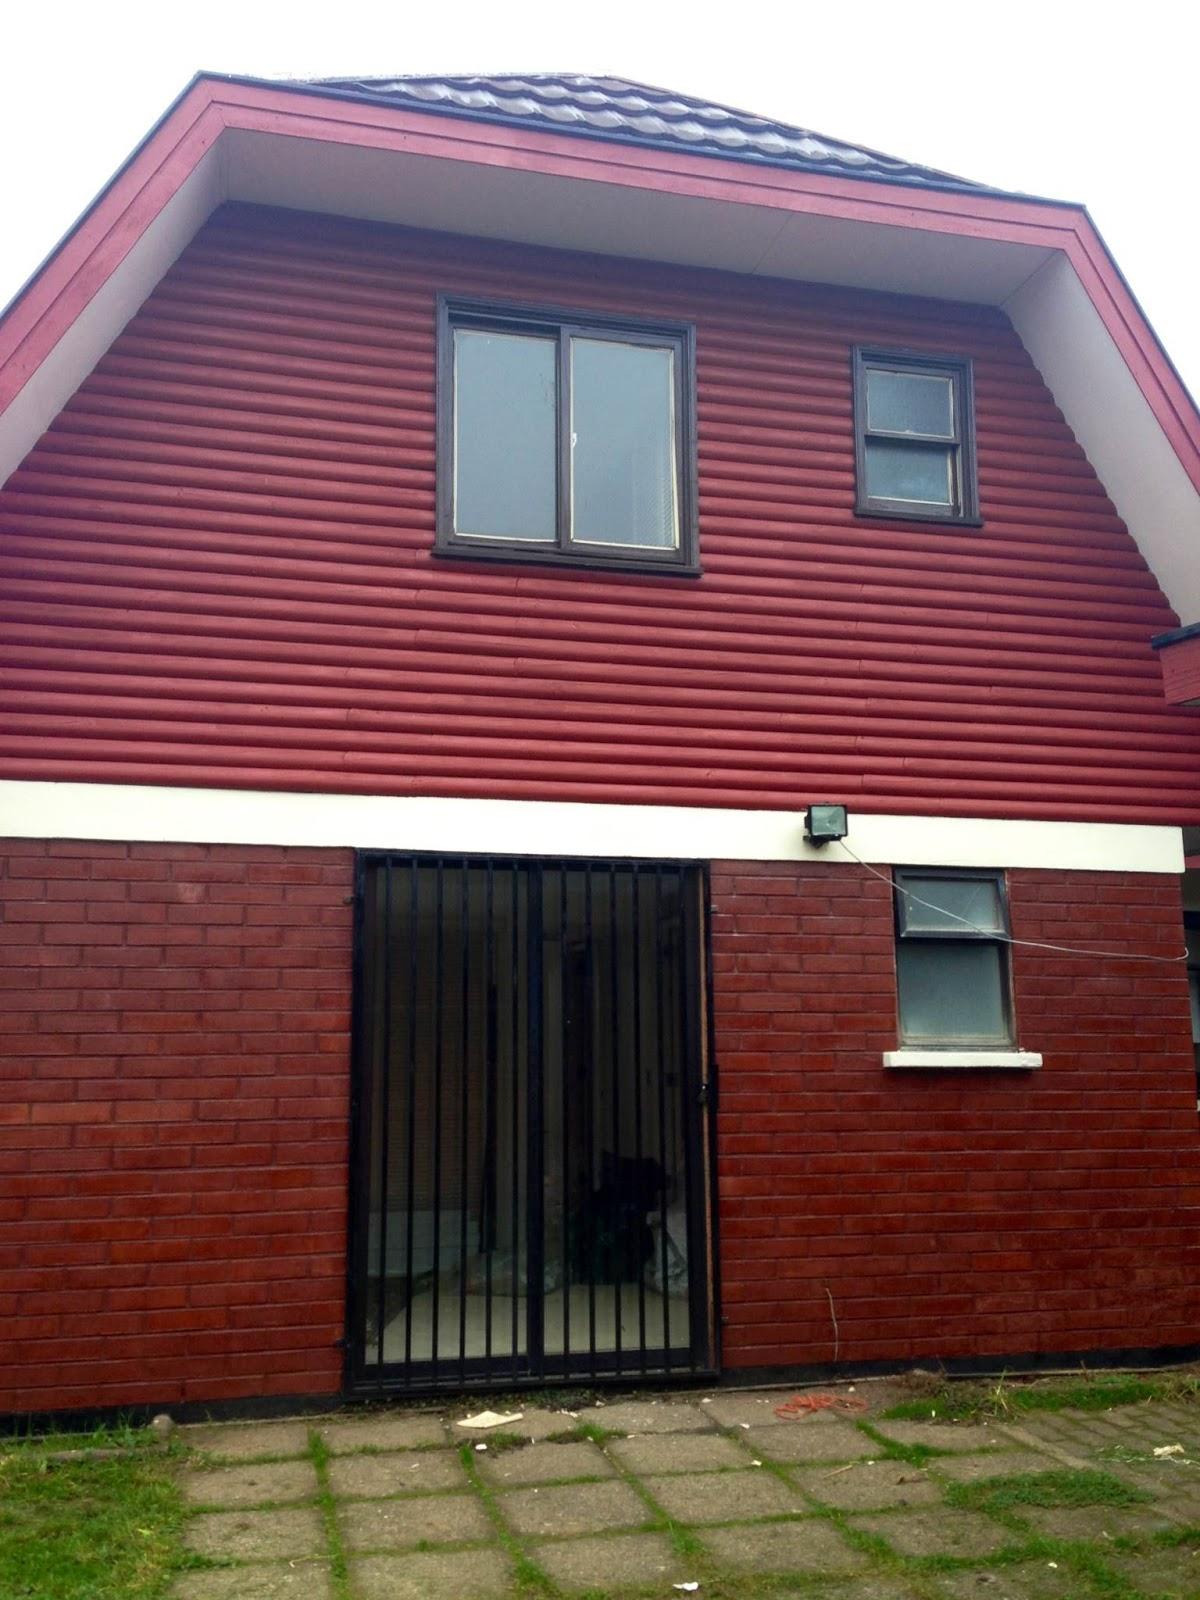 rachel propiedades arriendo de casa con 4d en juan pablo On arriendo casa temuco